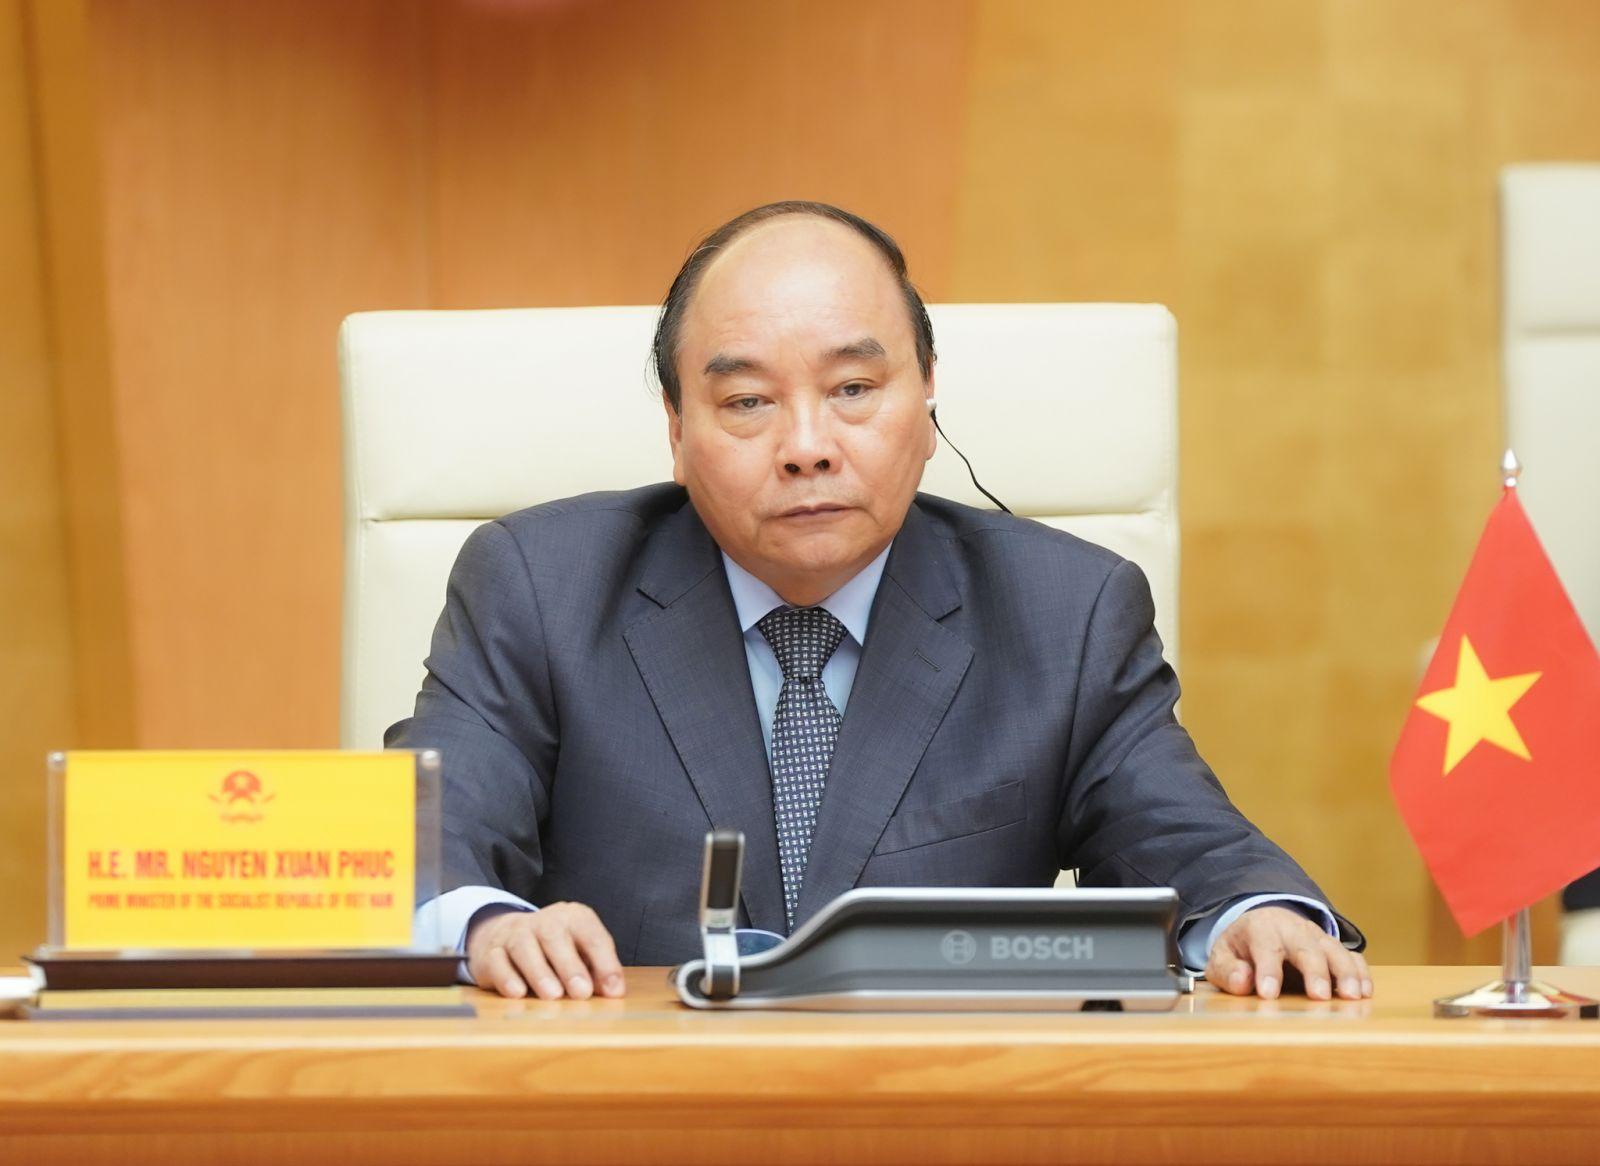 Thủ tướng Nguyễn Xuân Phúc dự Hội nghị Thượng đỉnh trực tuyến G20 ứng phó COVID-19. Ảnh: VGP/Quang Hiếu